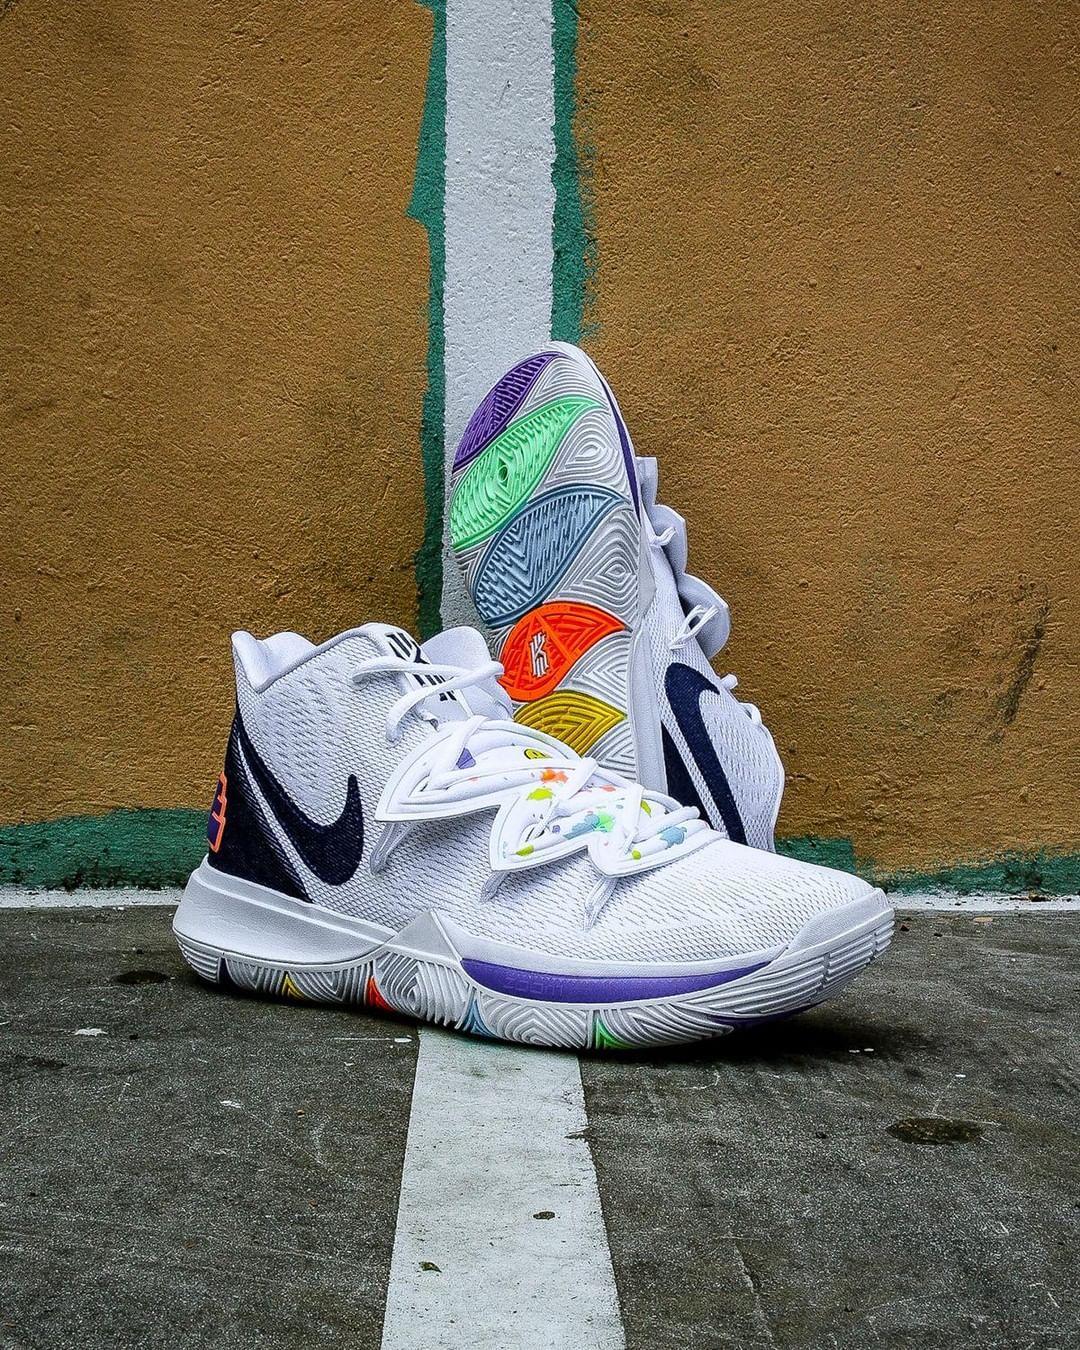 Nike kyrie, Kyrie 5, Custom sneakers nike